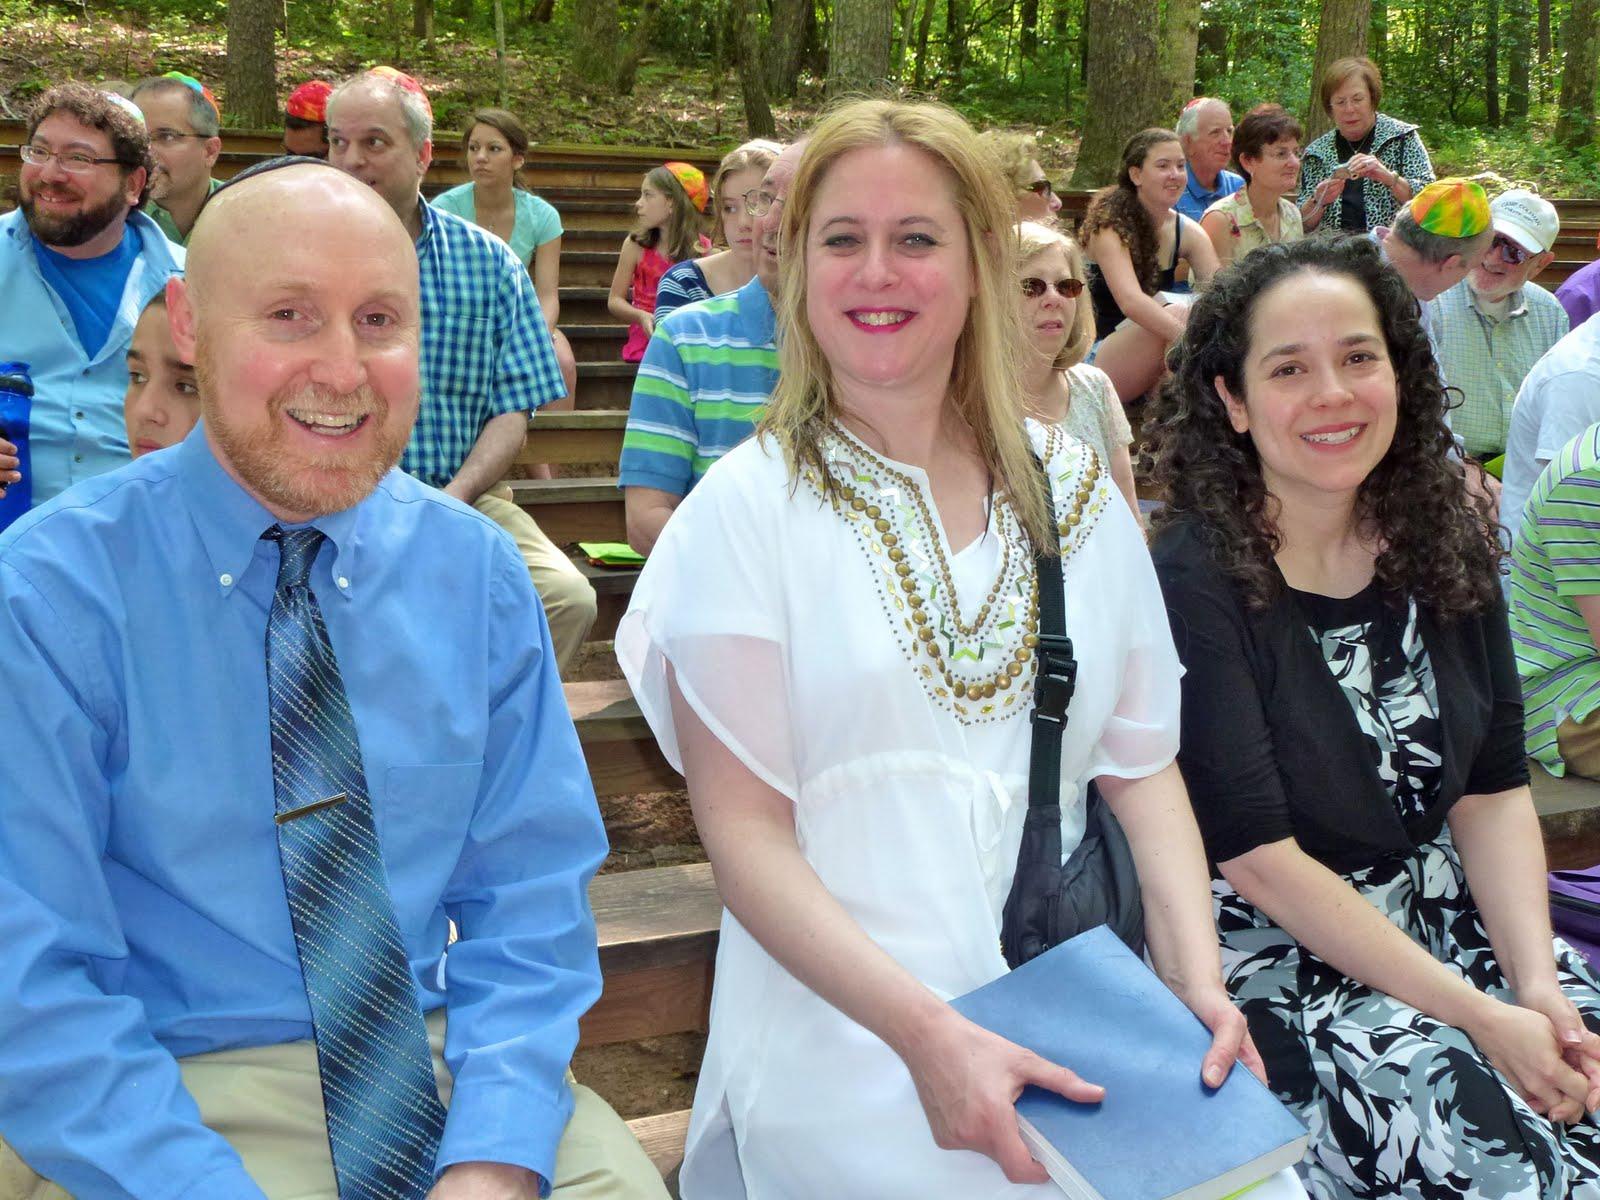 http://1.bp.blogspot.com/-zaasTlmaYTs/Te_ThwfKWUI/AAAAAAAAAGk/NjdYGdu5MIA/s1600/MaxBarMitzvah+Lisa+Philip+Hannah.jpg